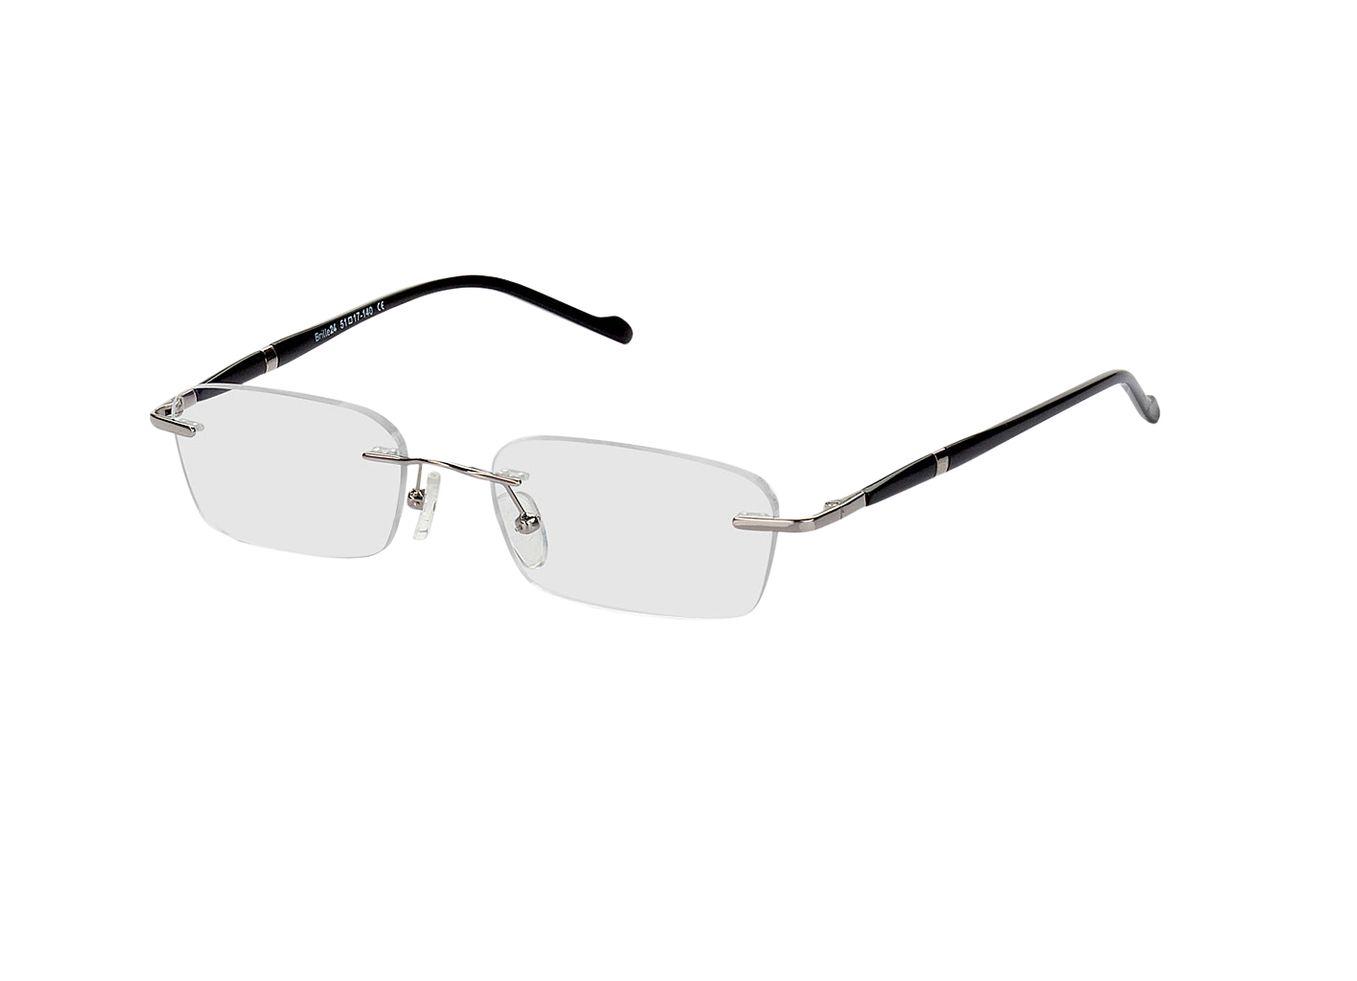 2916-singlevision-0000 Timaru-silber/schwarz Gleitsichtbrille, Randlos, Dünn Brille24 Collection